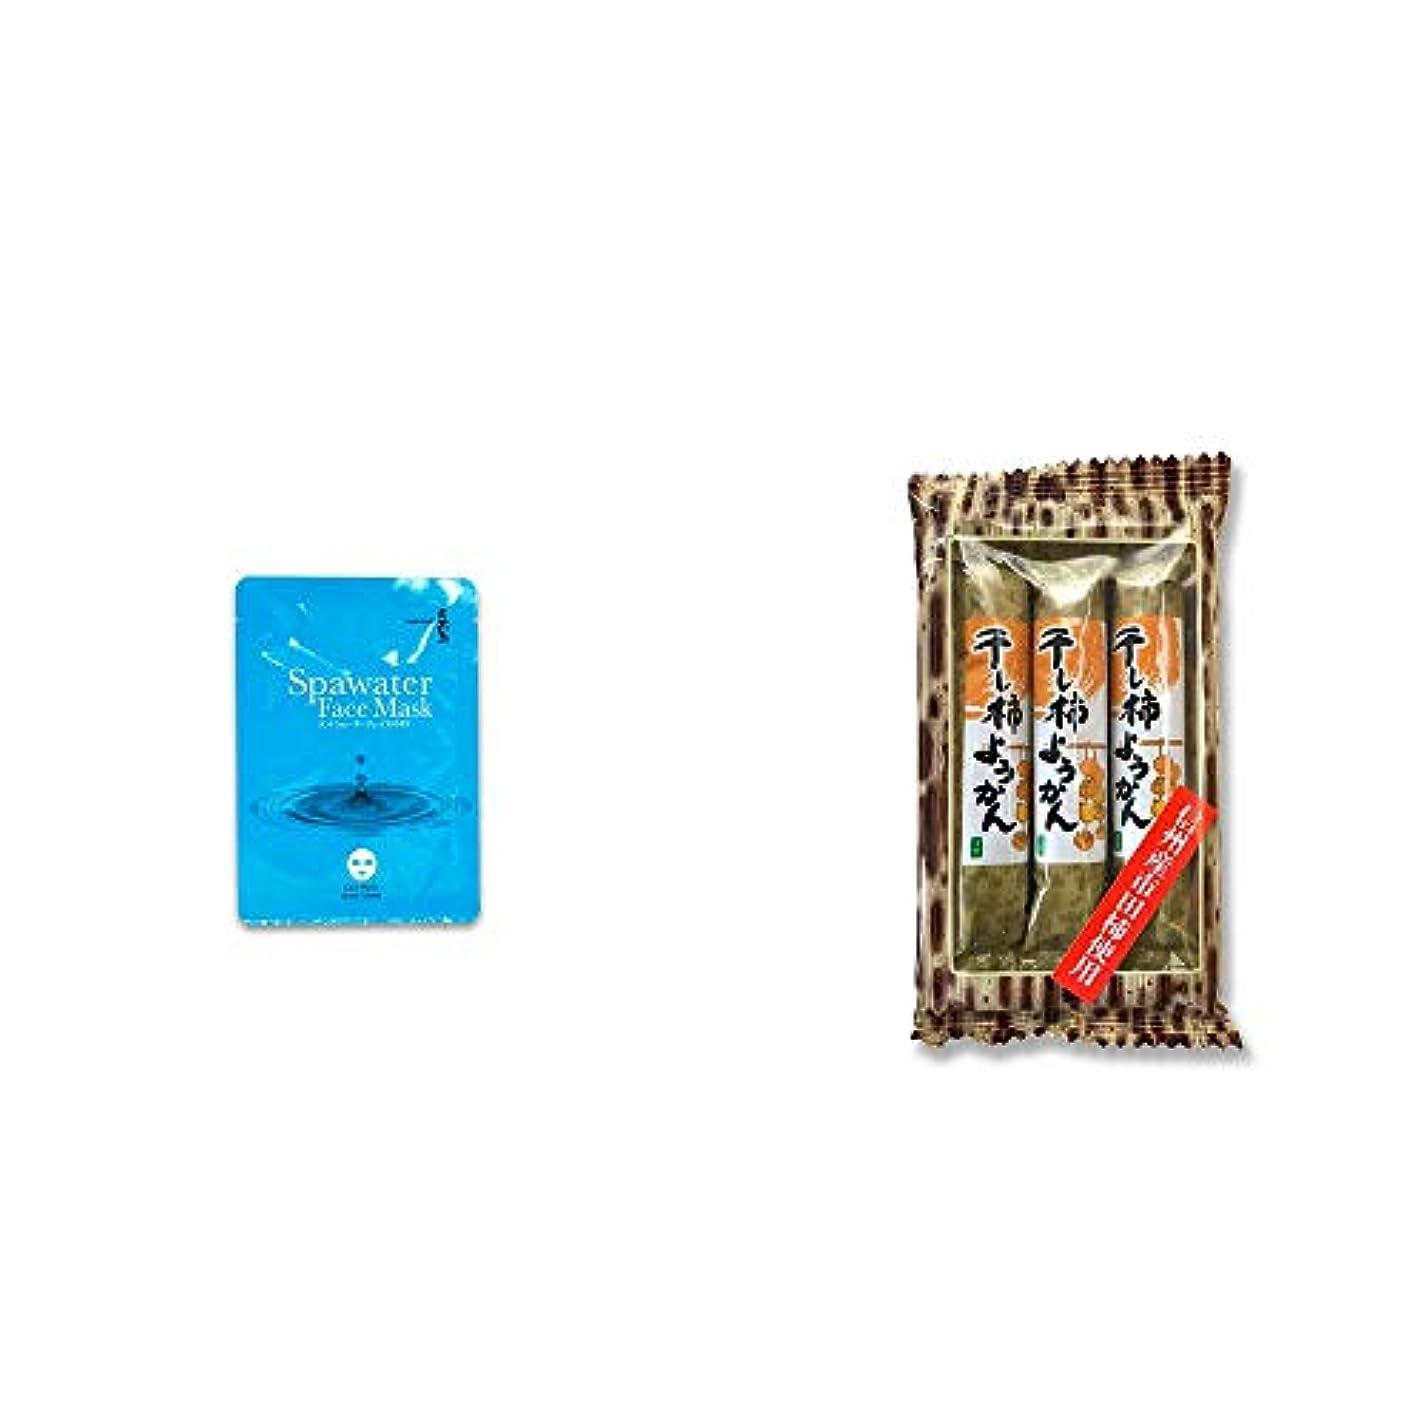 デマンド牛肉グレートバリアリーフ[2点セット] ひのき炭黒泉 スパウォーターフェイスマスク(18ml×3枚入)?信州産市田柿使用 スティックようかん[柿](50g×3本)